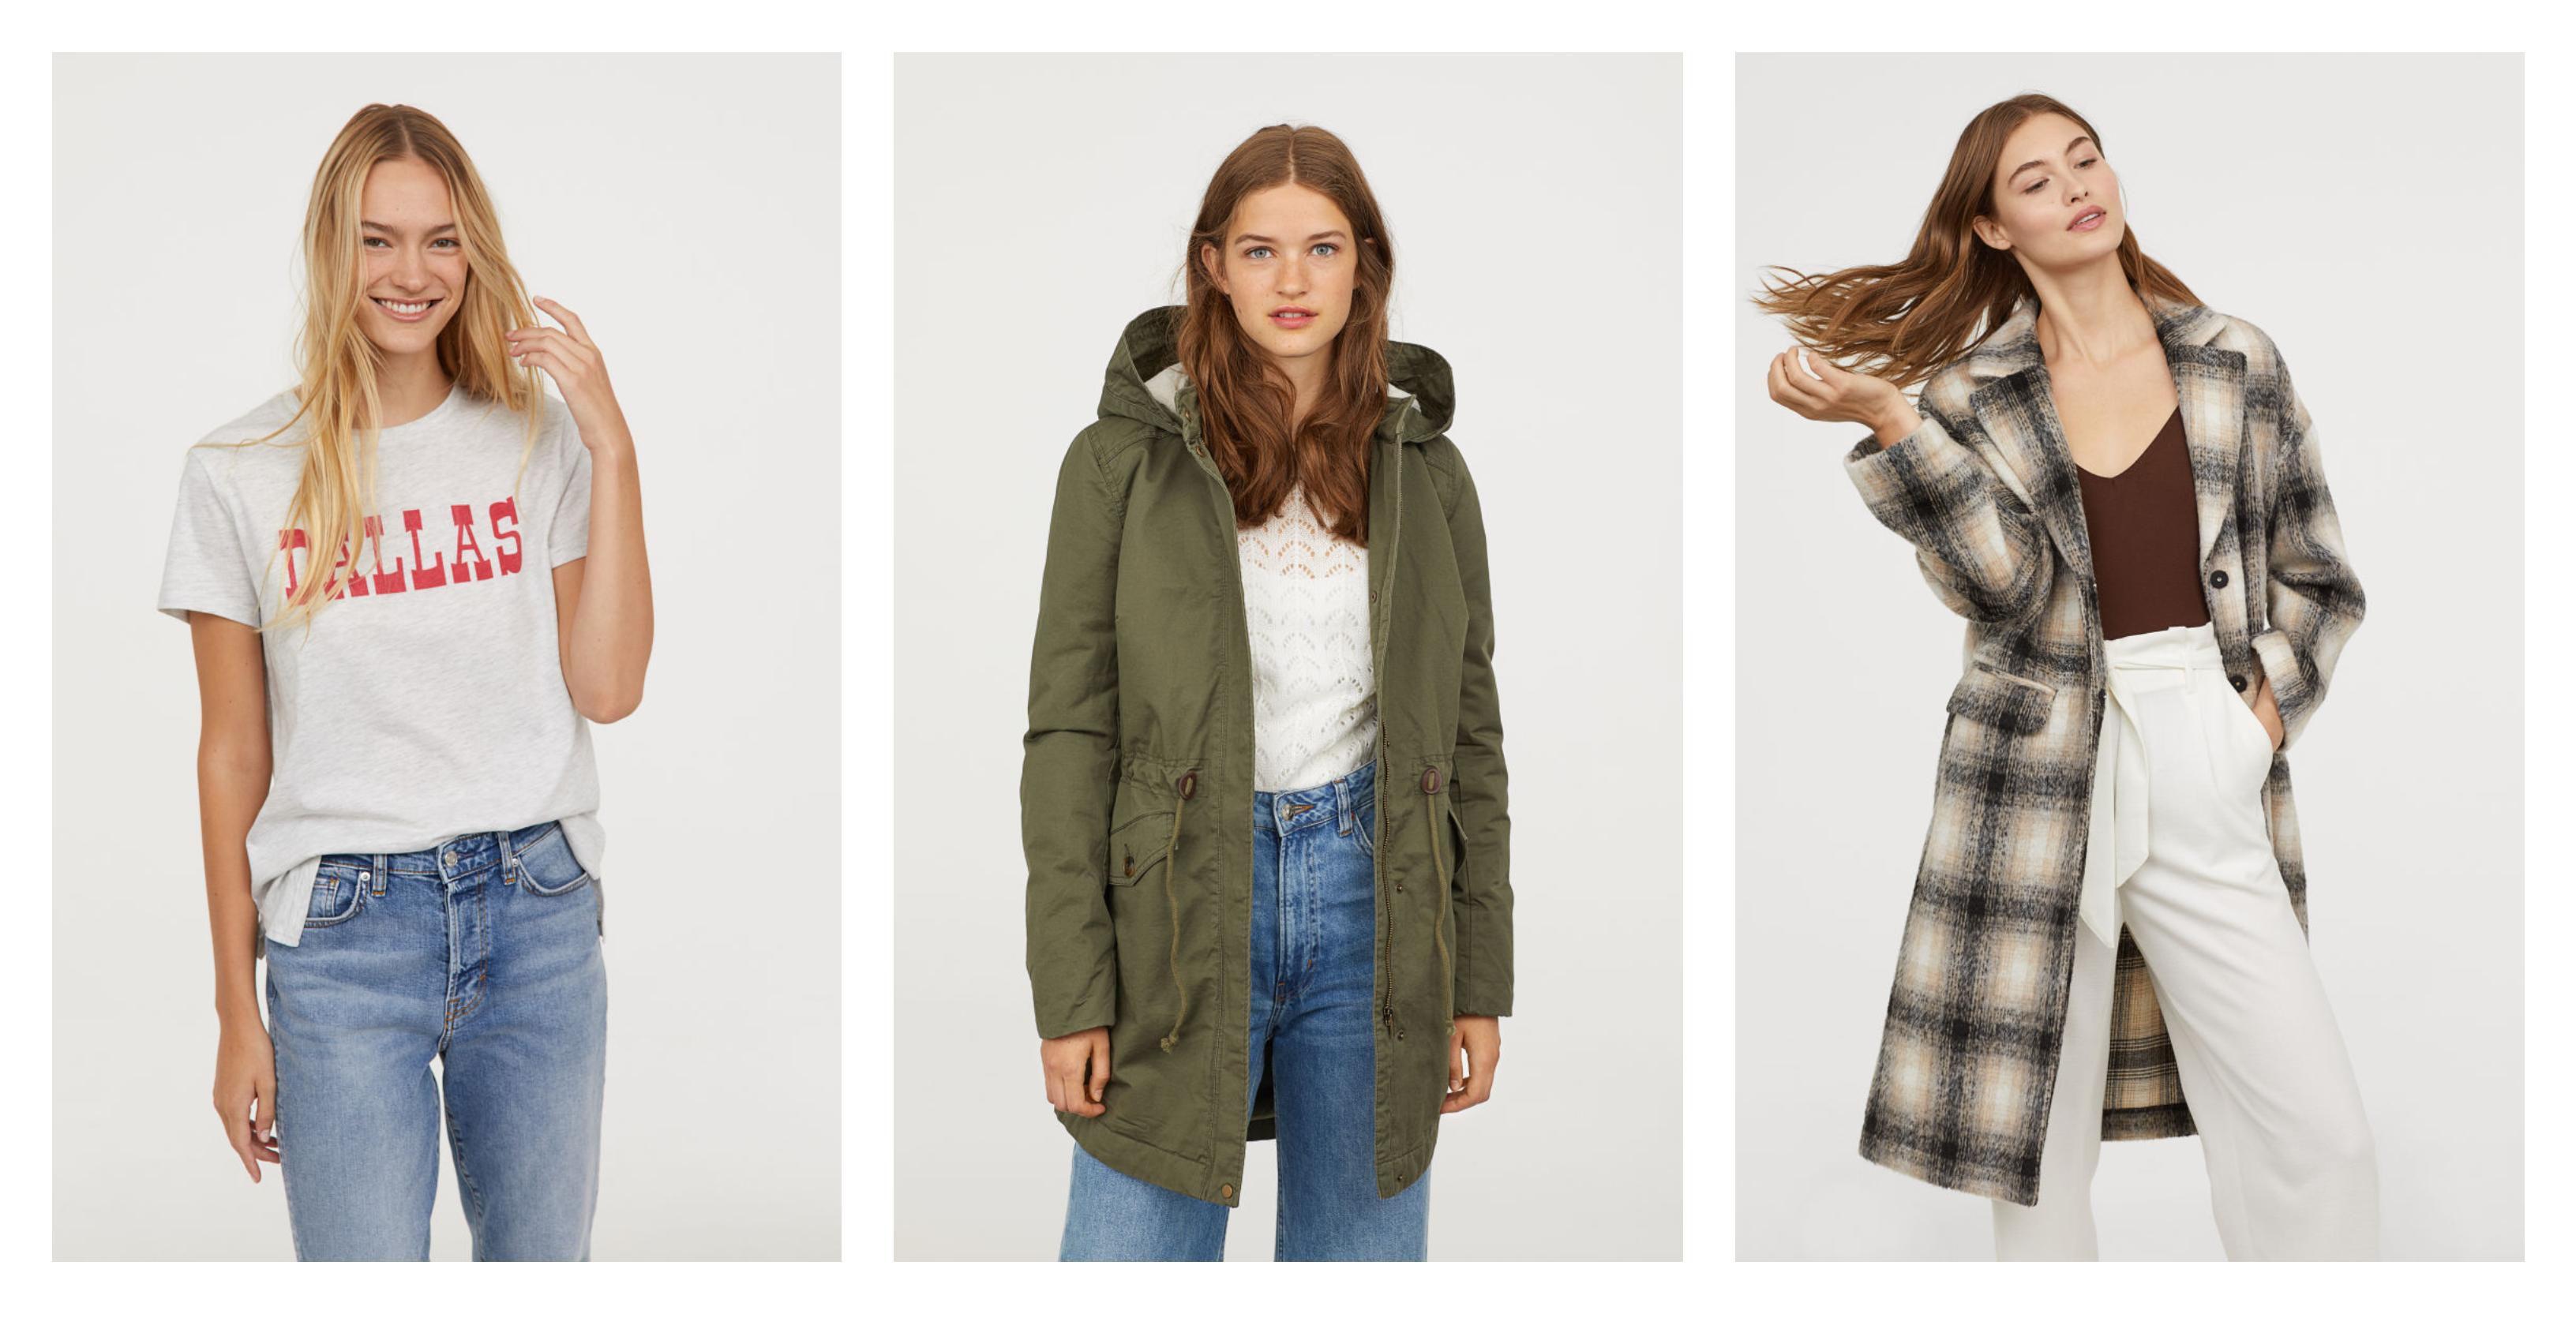 Popustima nikad kraja: Cyber Monday je tu, a H&M ima super komade snižene do 70 posto!